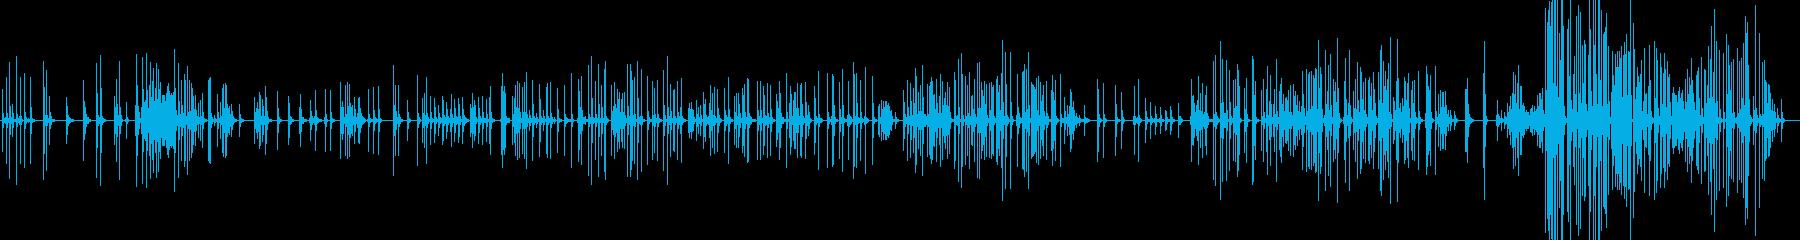 三味線149石橋1真面目な曲寂照法師唐土の再生済みの波形